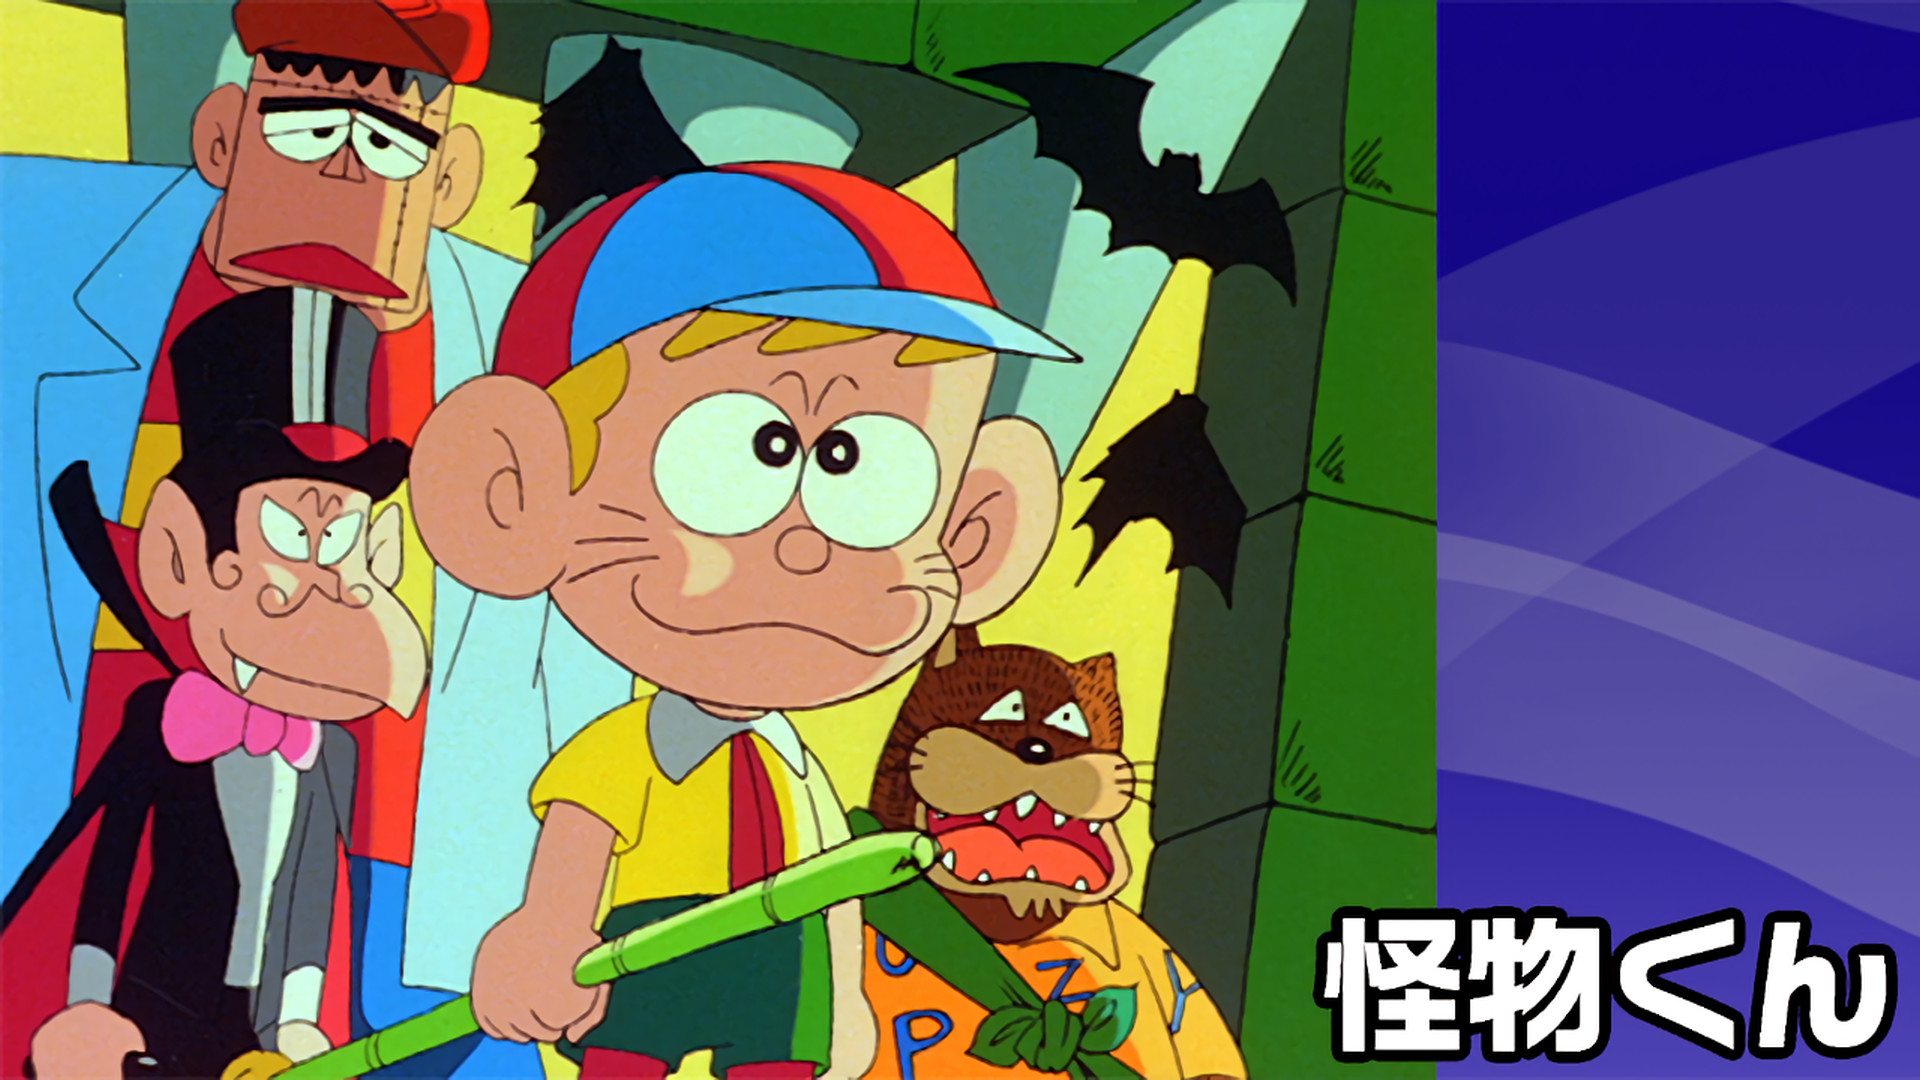 怪物くん | アニメ動画見放題 | dアニメストア